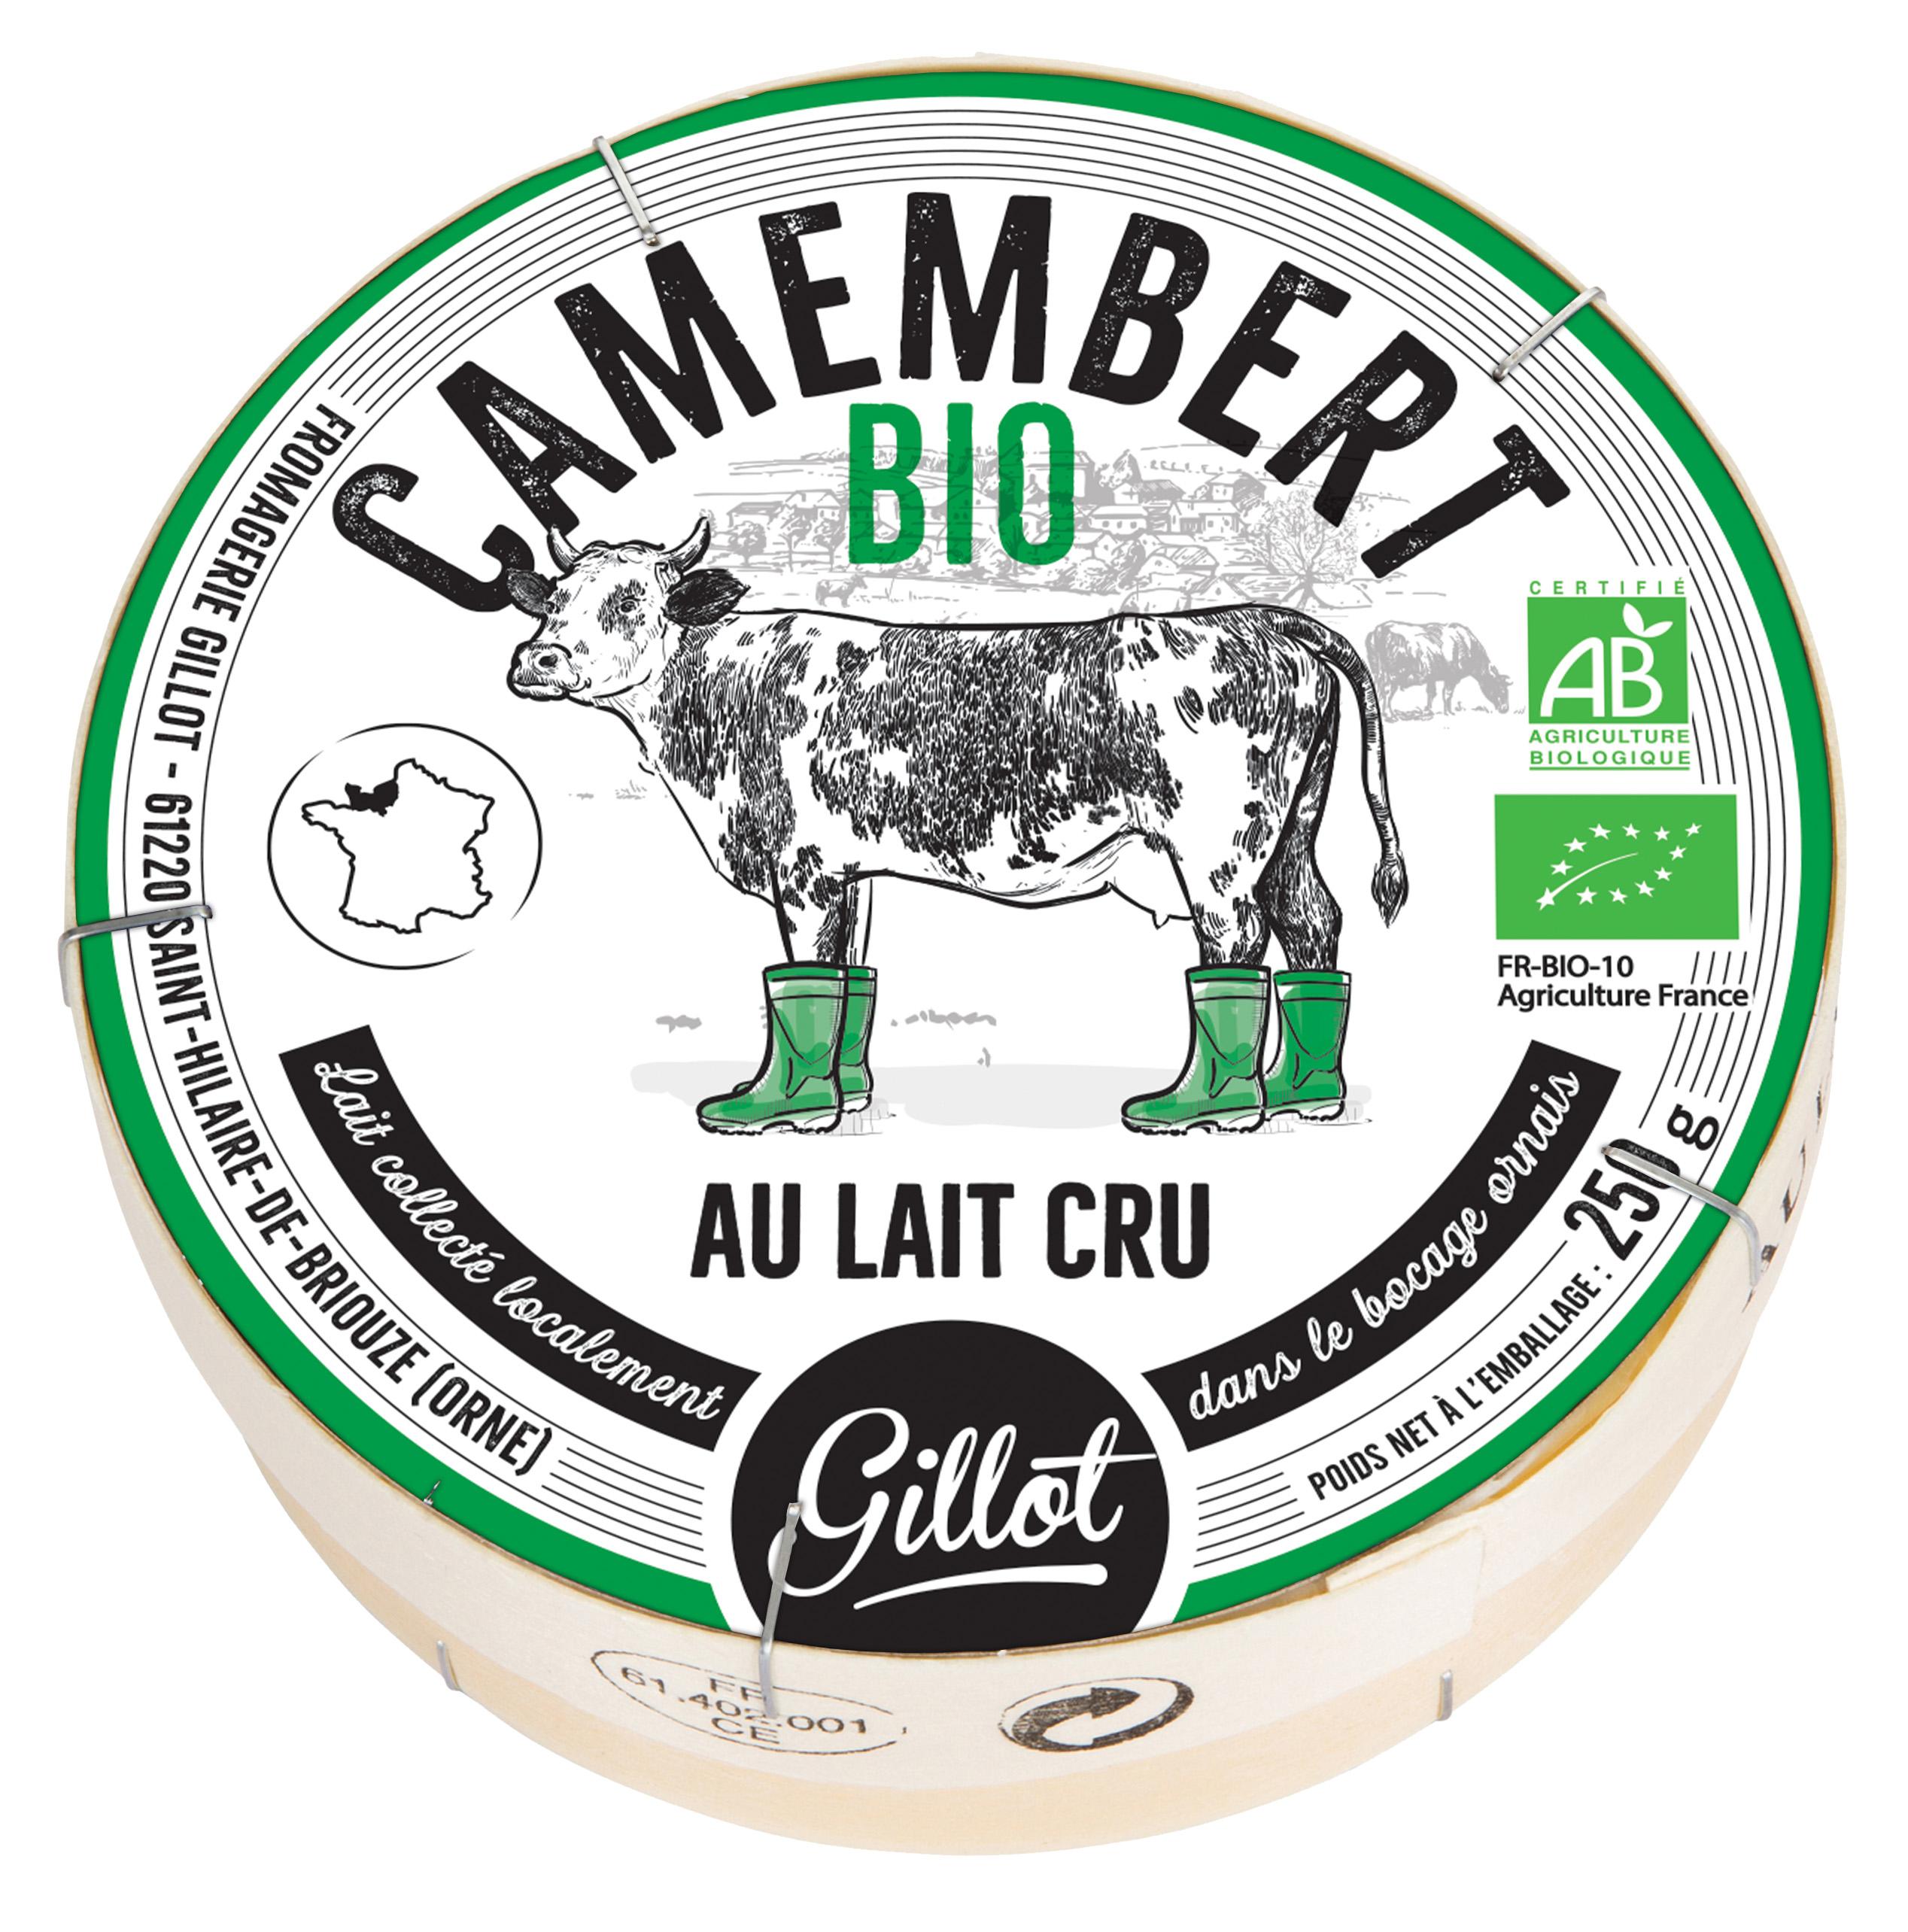 Camembert bio au lait cru